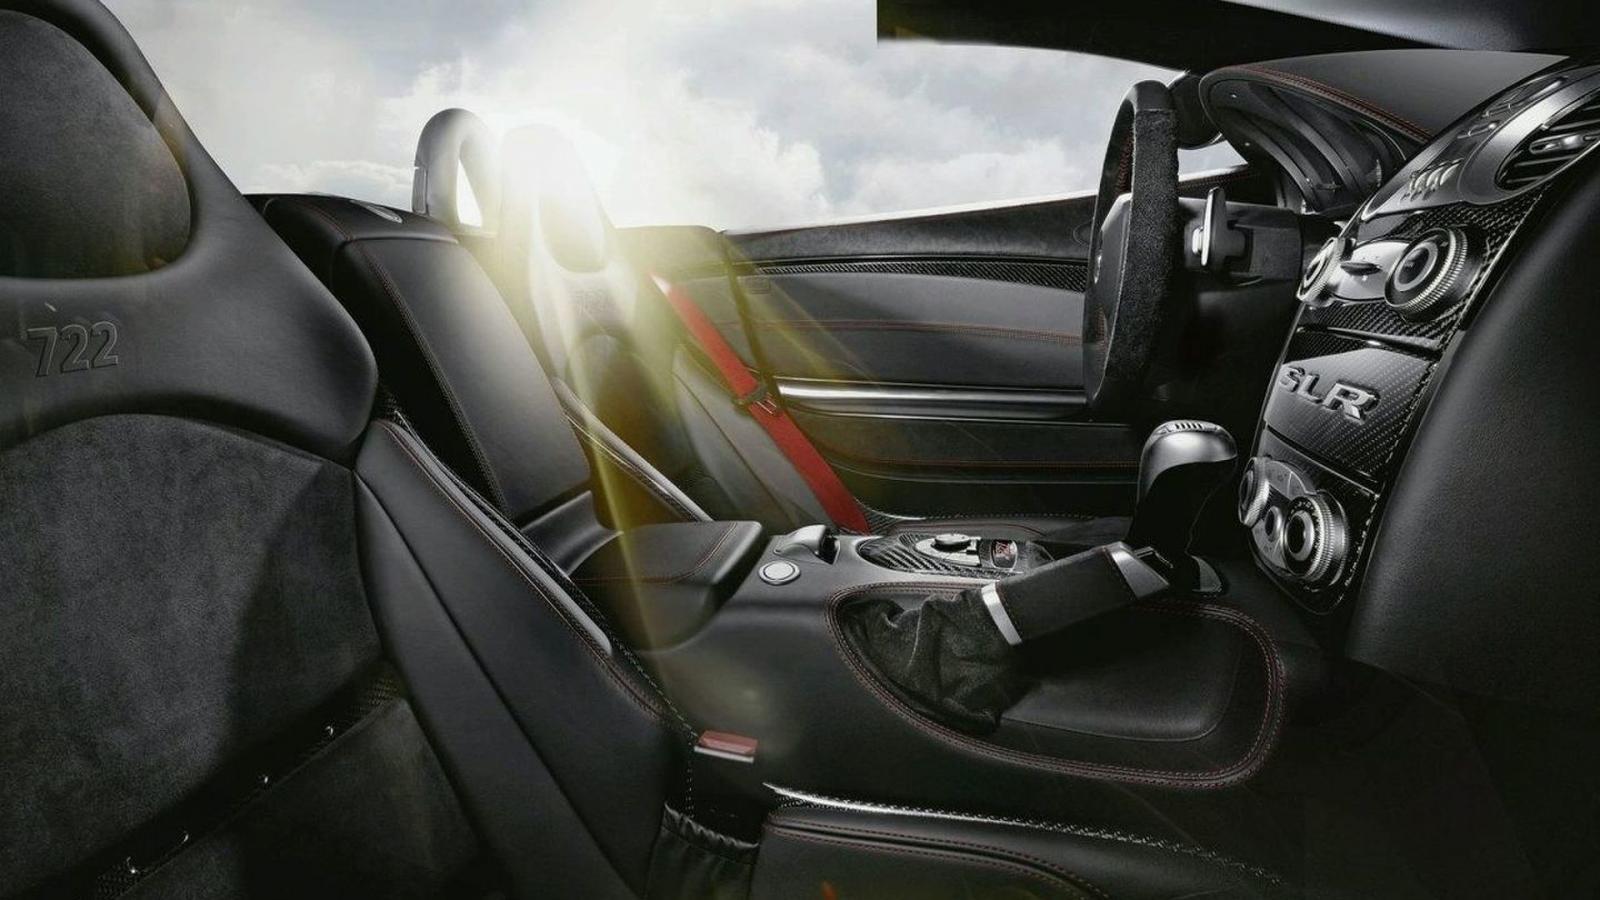 The Mercedes SLR Mclaren cabin